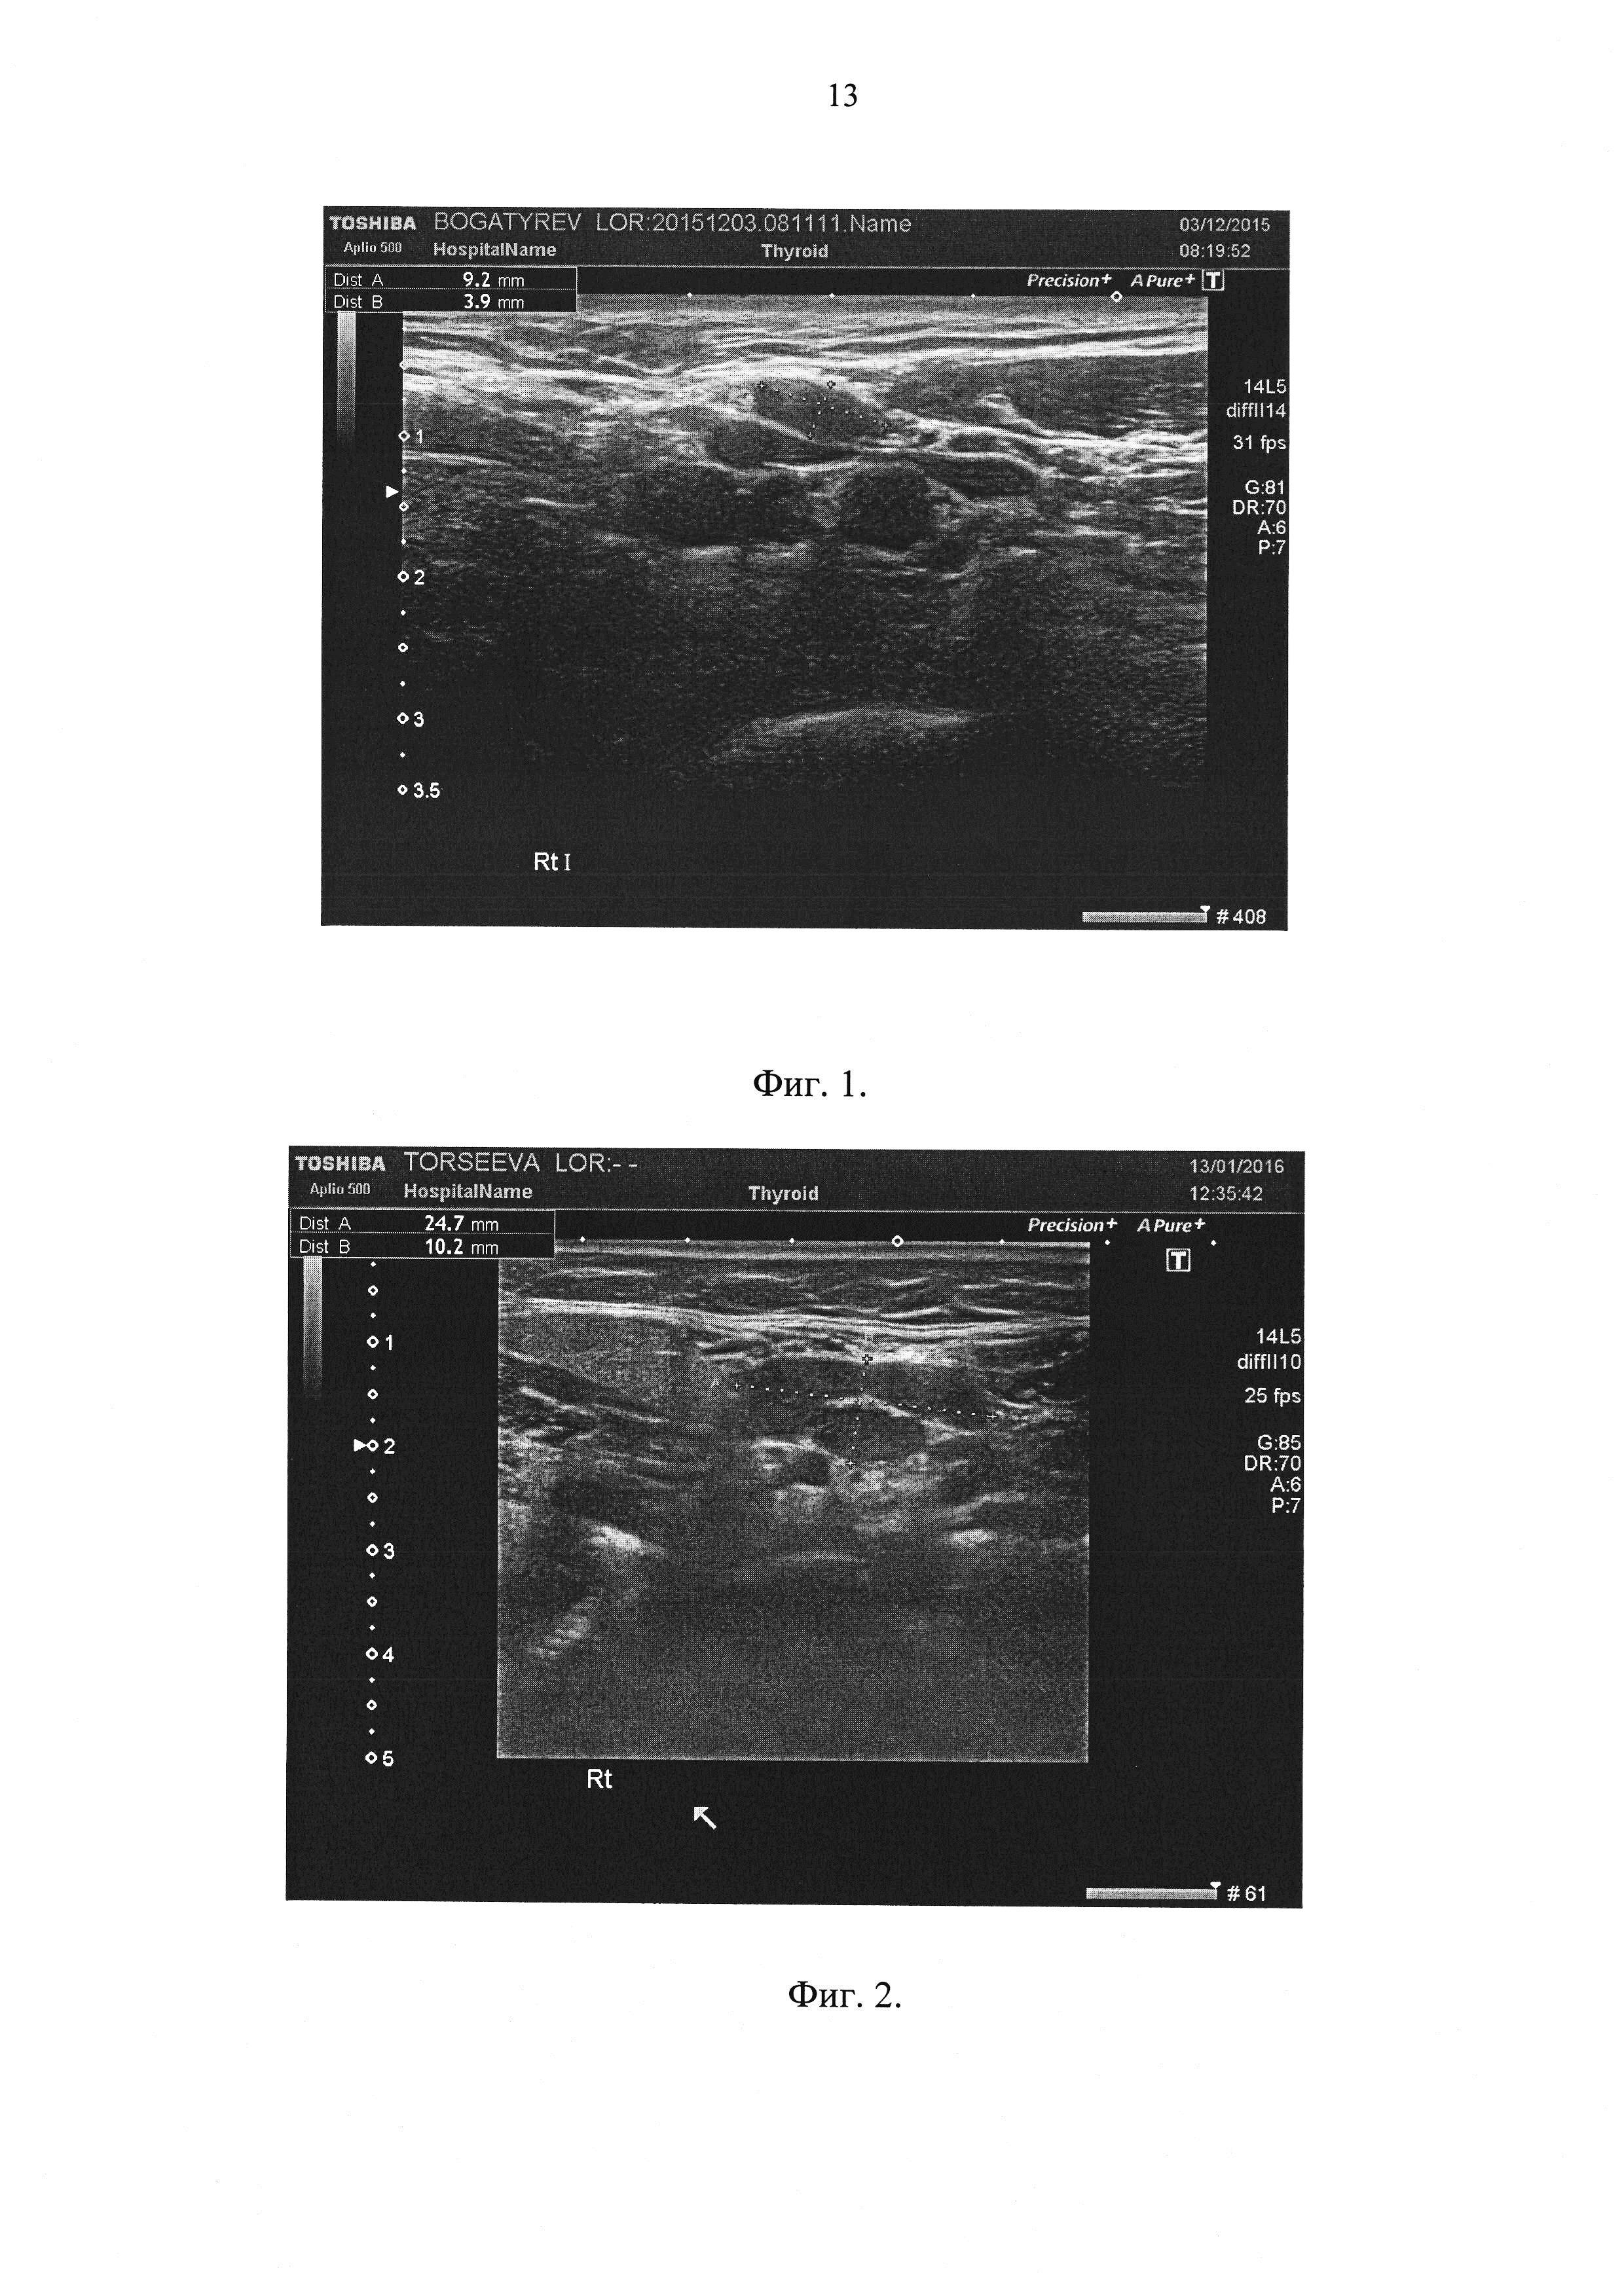 Способ дифференциальной диагностики клинической формы хронического тонзиллита, основанный на ультразвуковом исследовании регионарных лимфоузлов